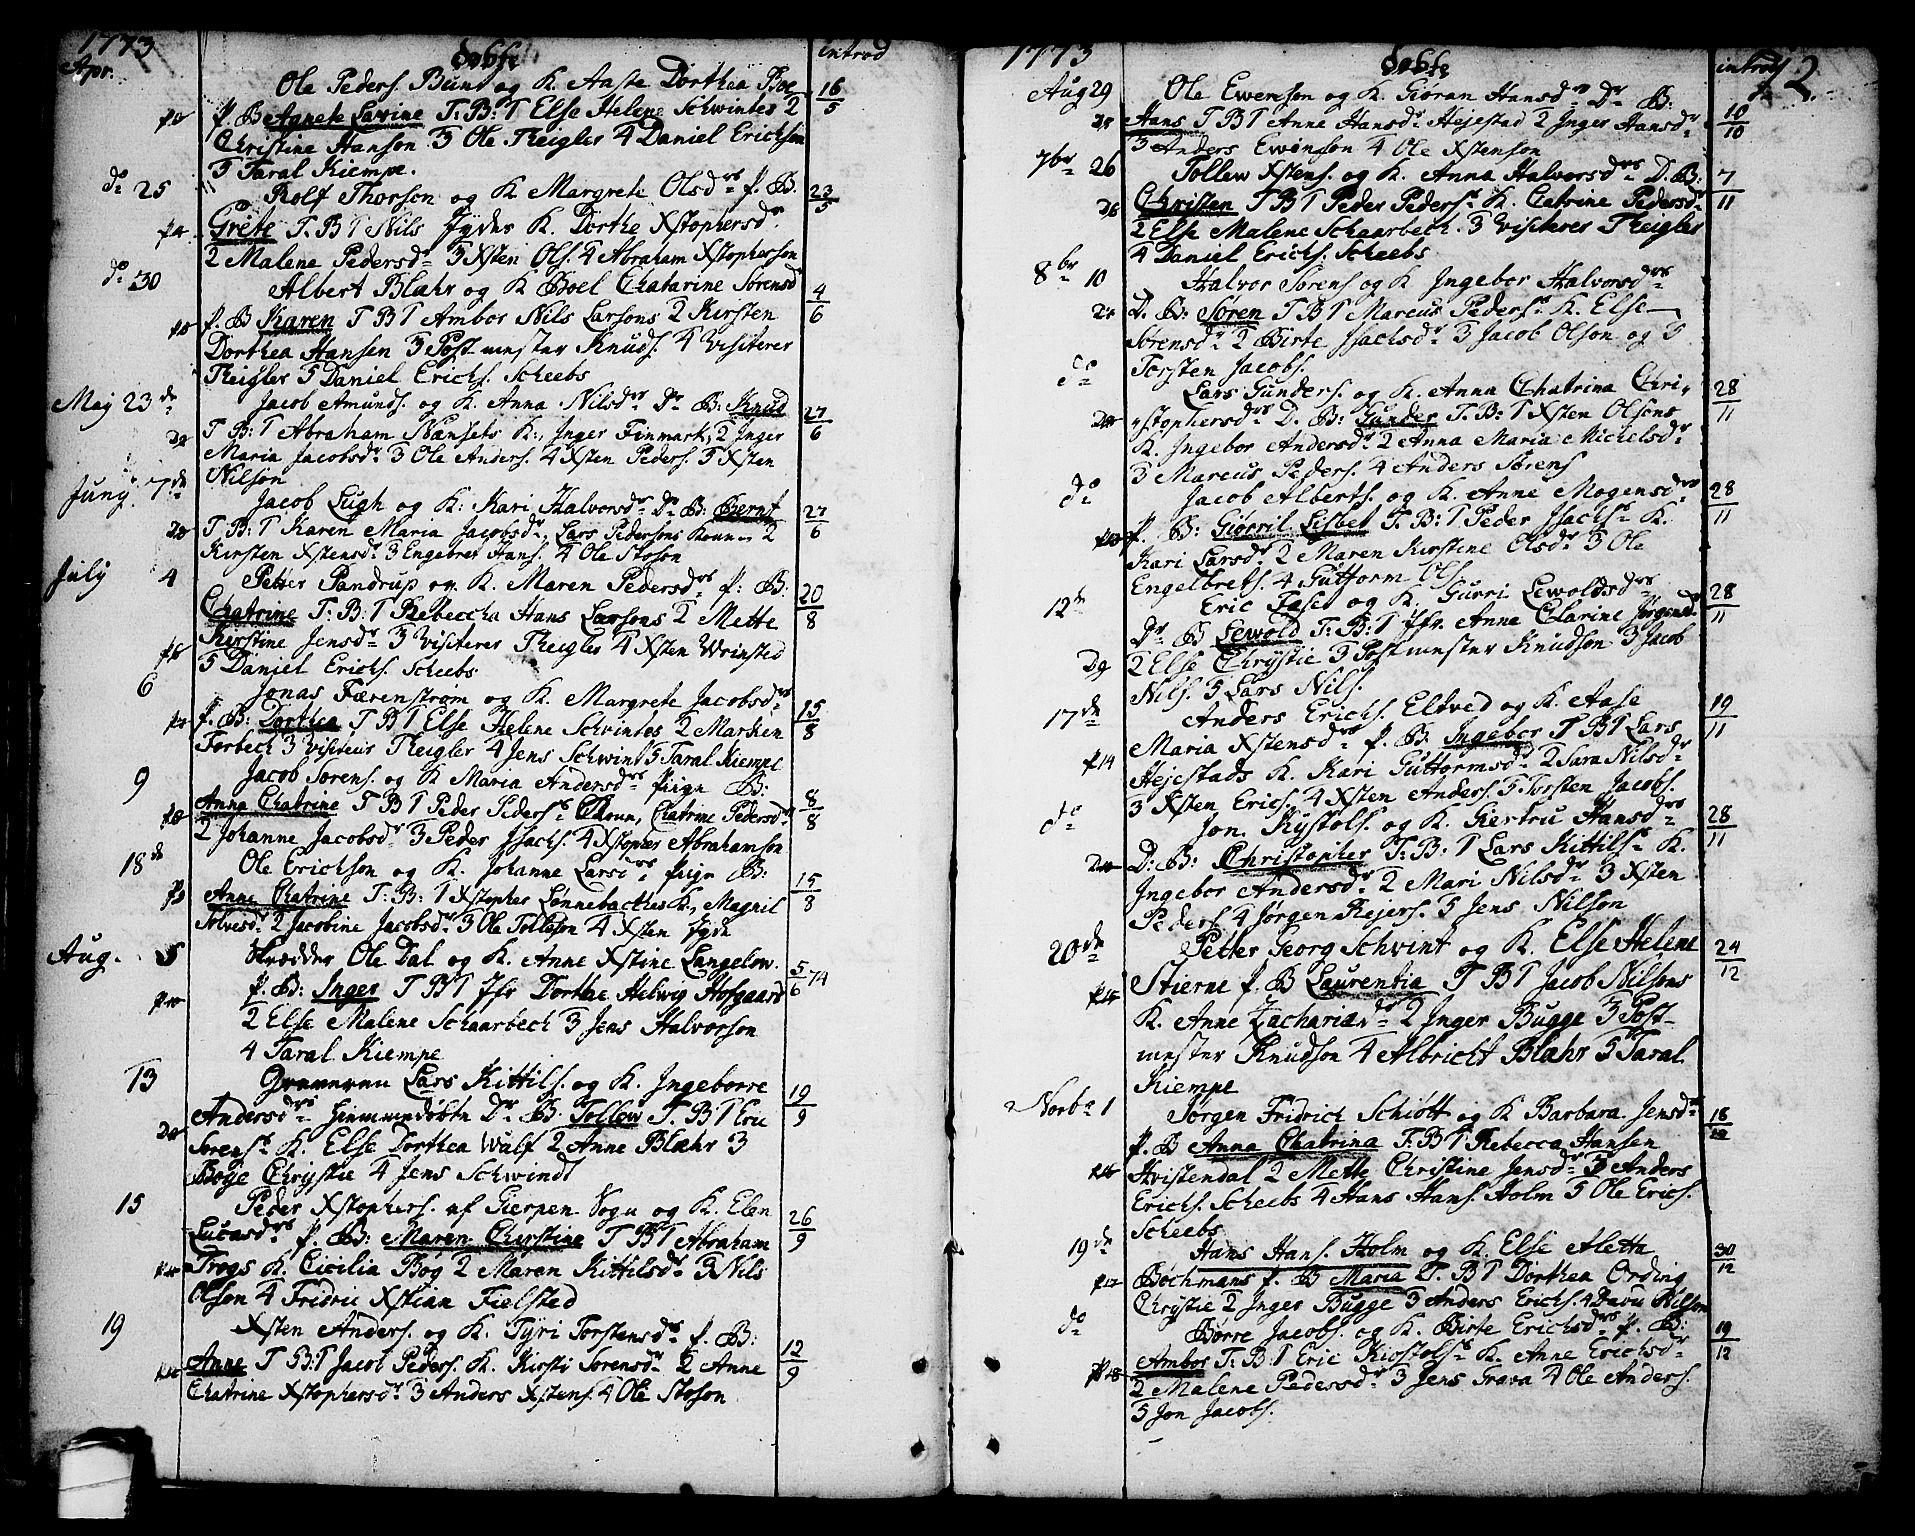 SAKO, Brevik kirkebøker, F/Fa/L0003: Ministerialbok nr. 3, 1764-1814, s. 12